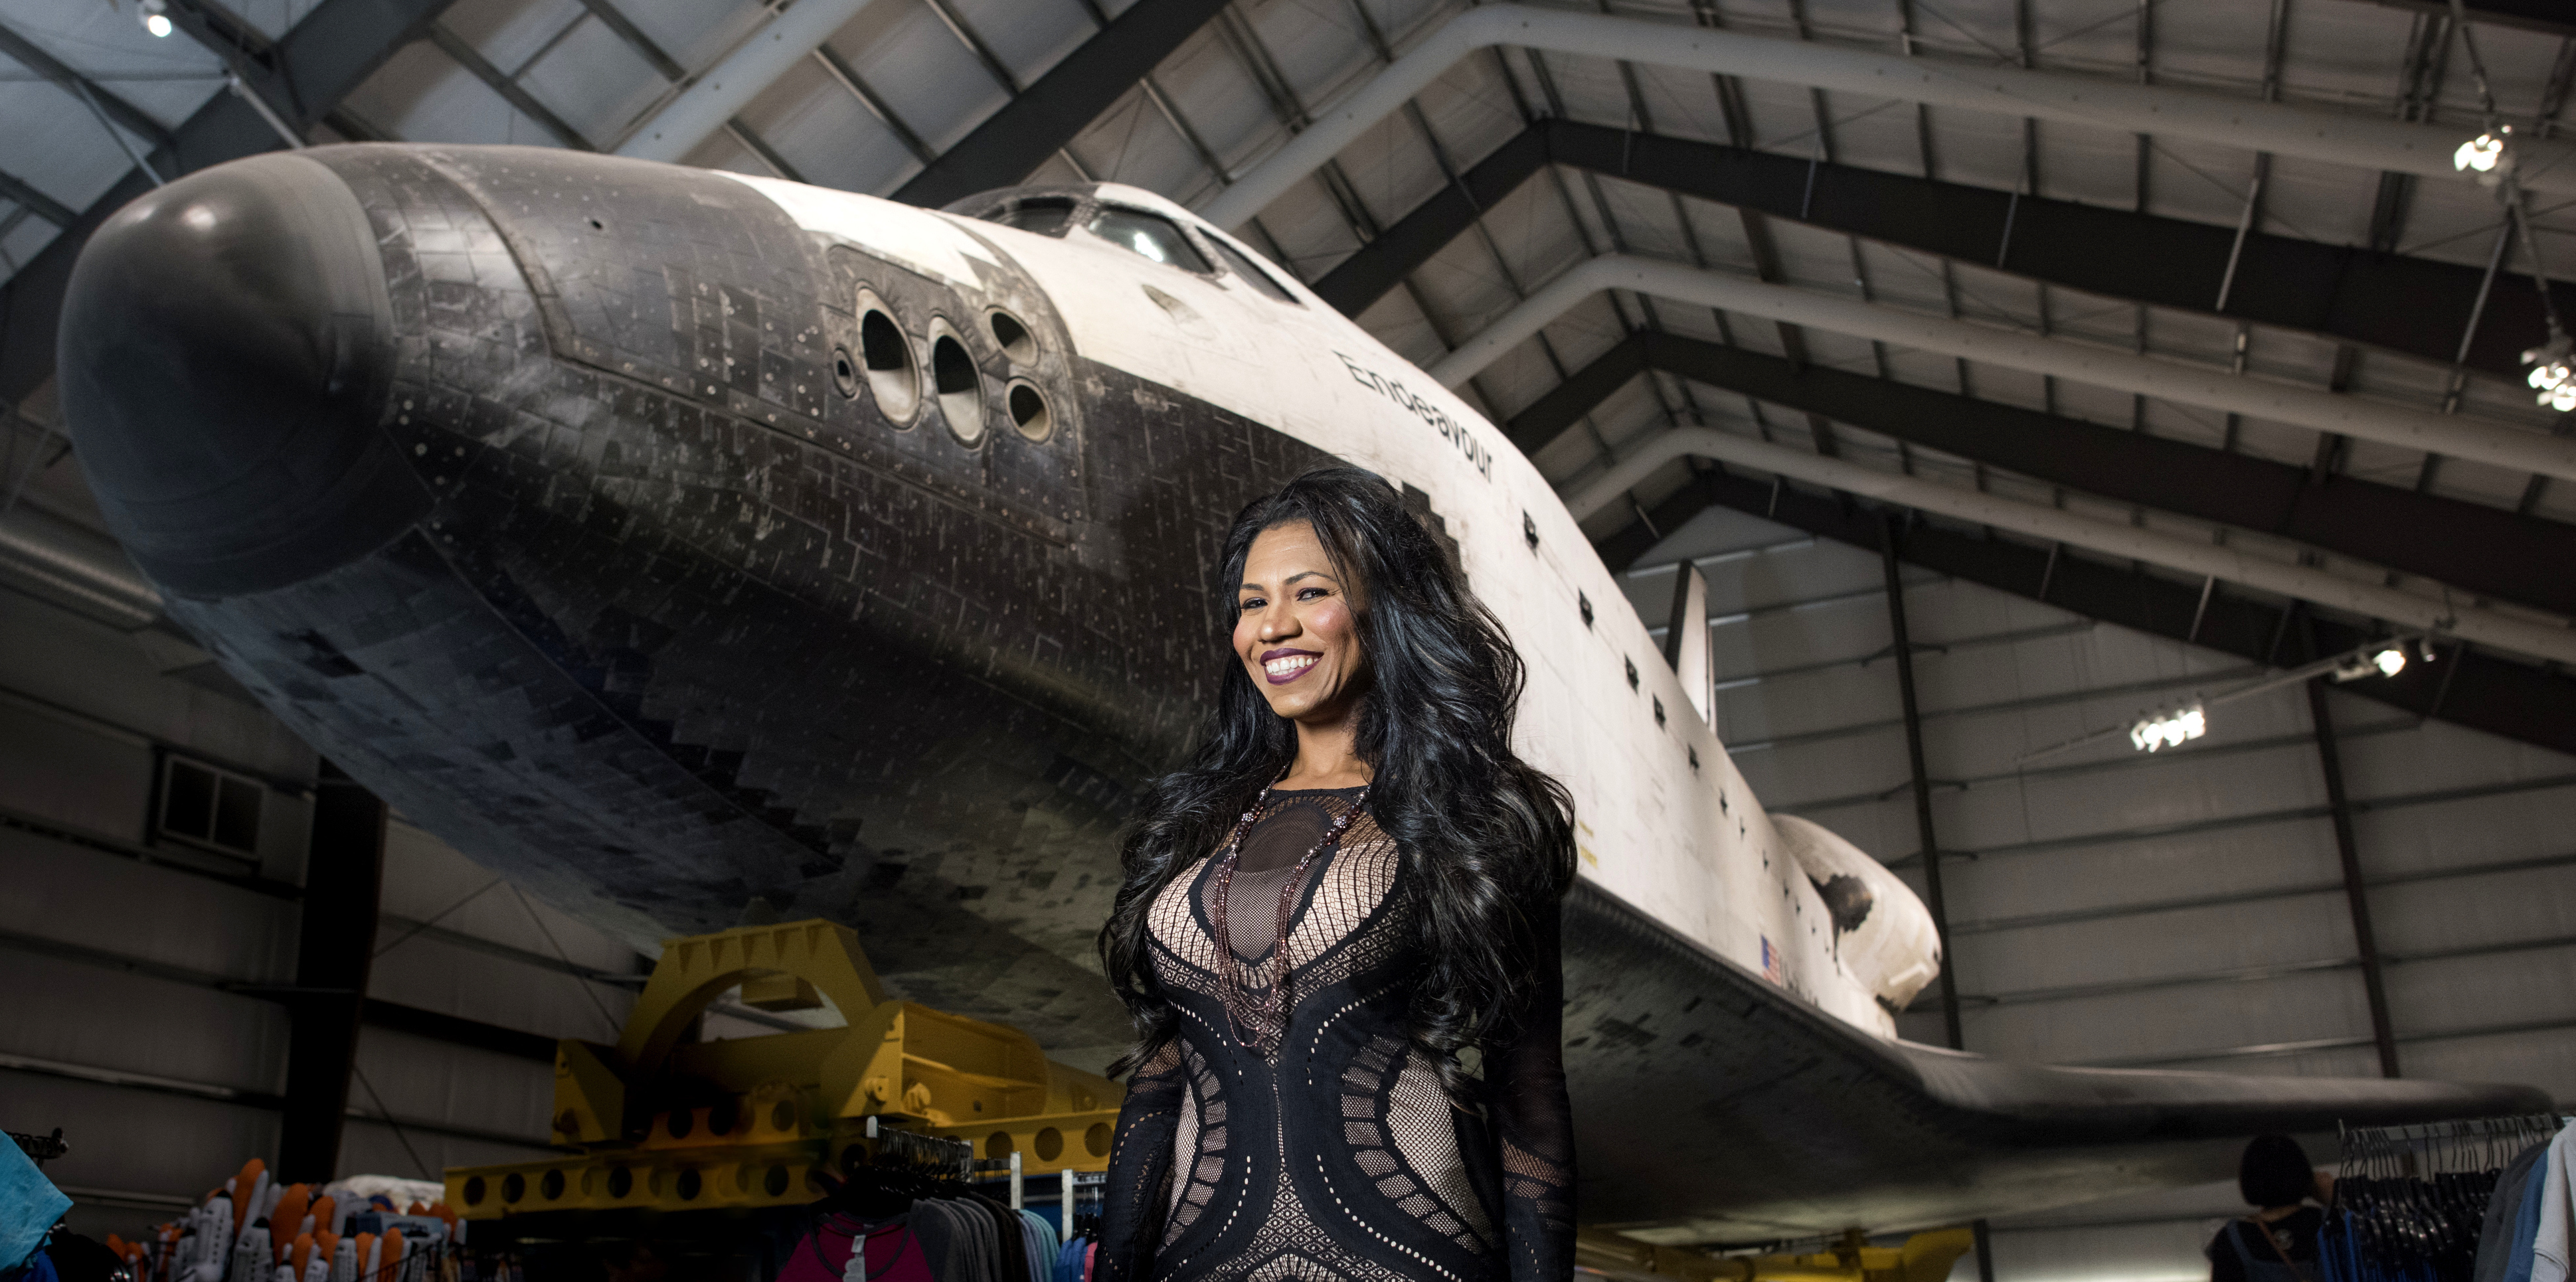 Award-Winning Rocket Scientist Secrets